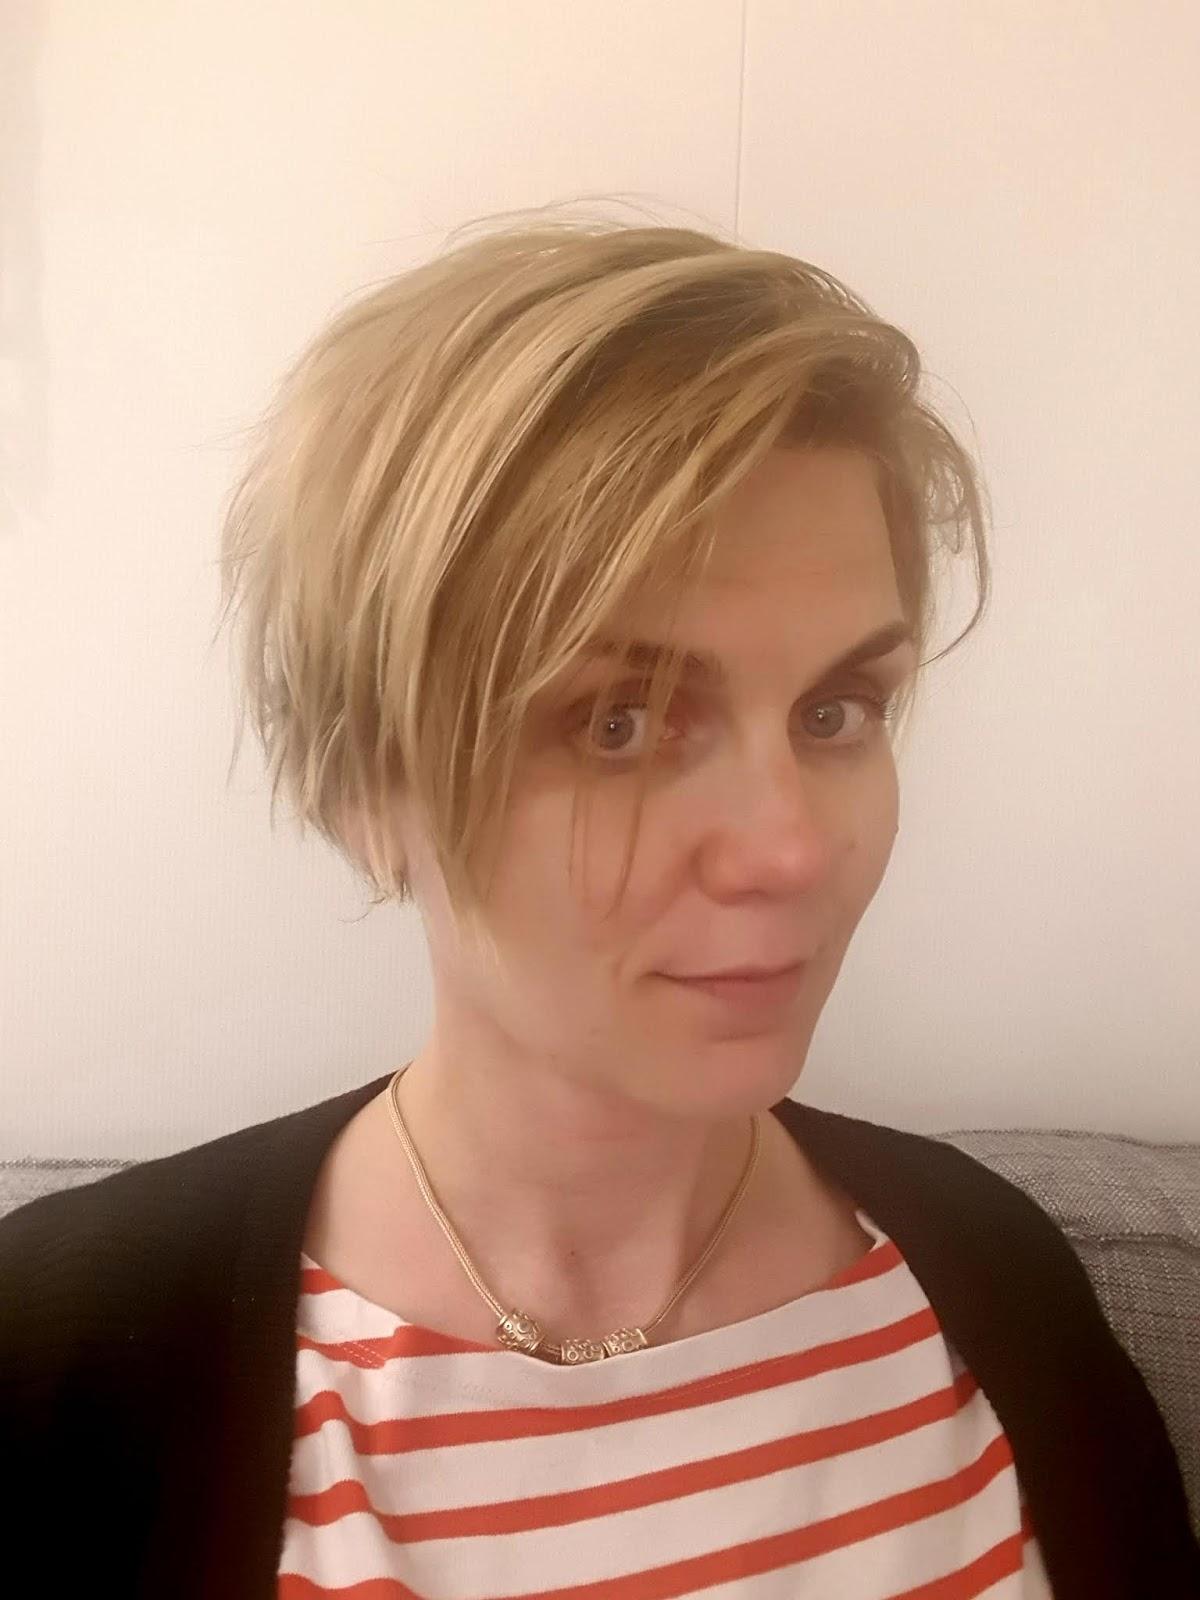 Hiusmallit Puolipitkät Hiukset